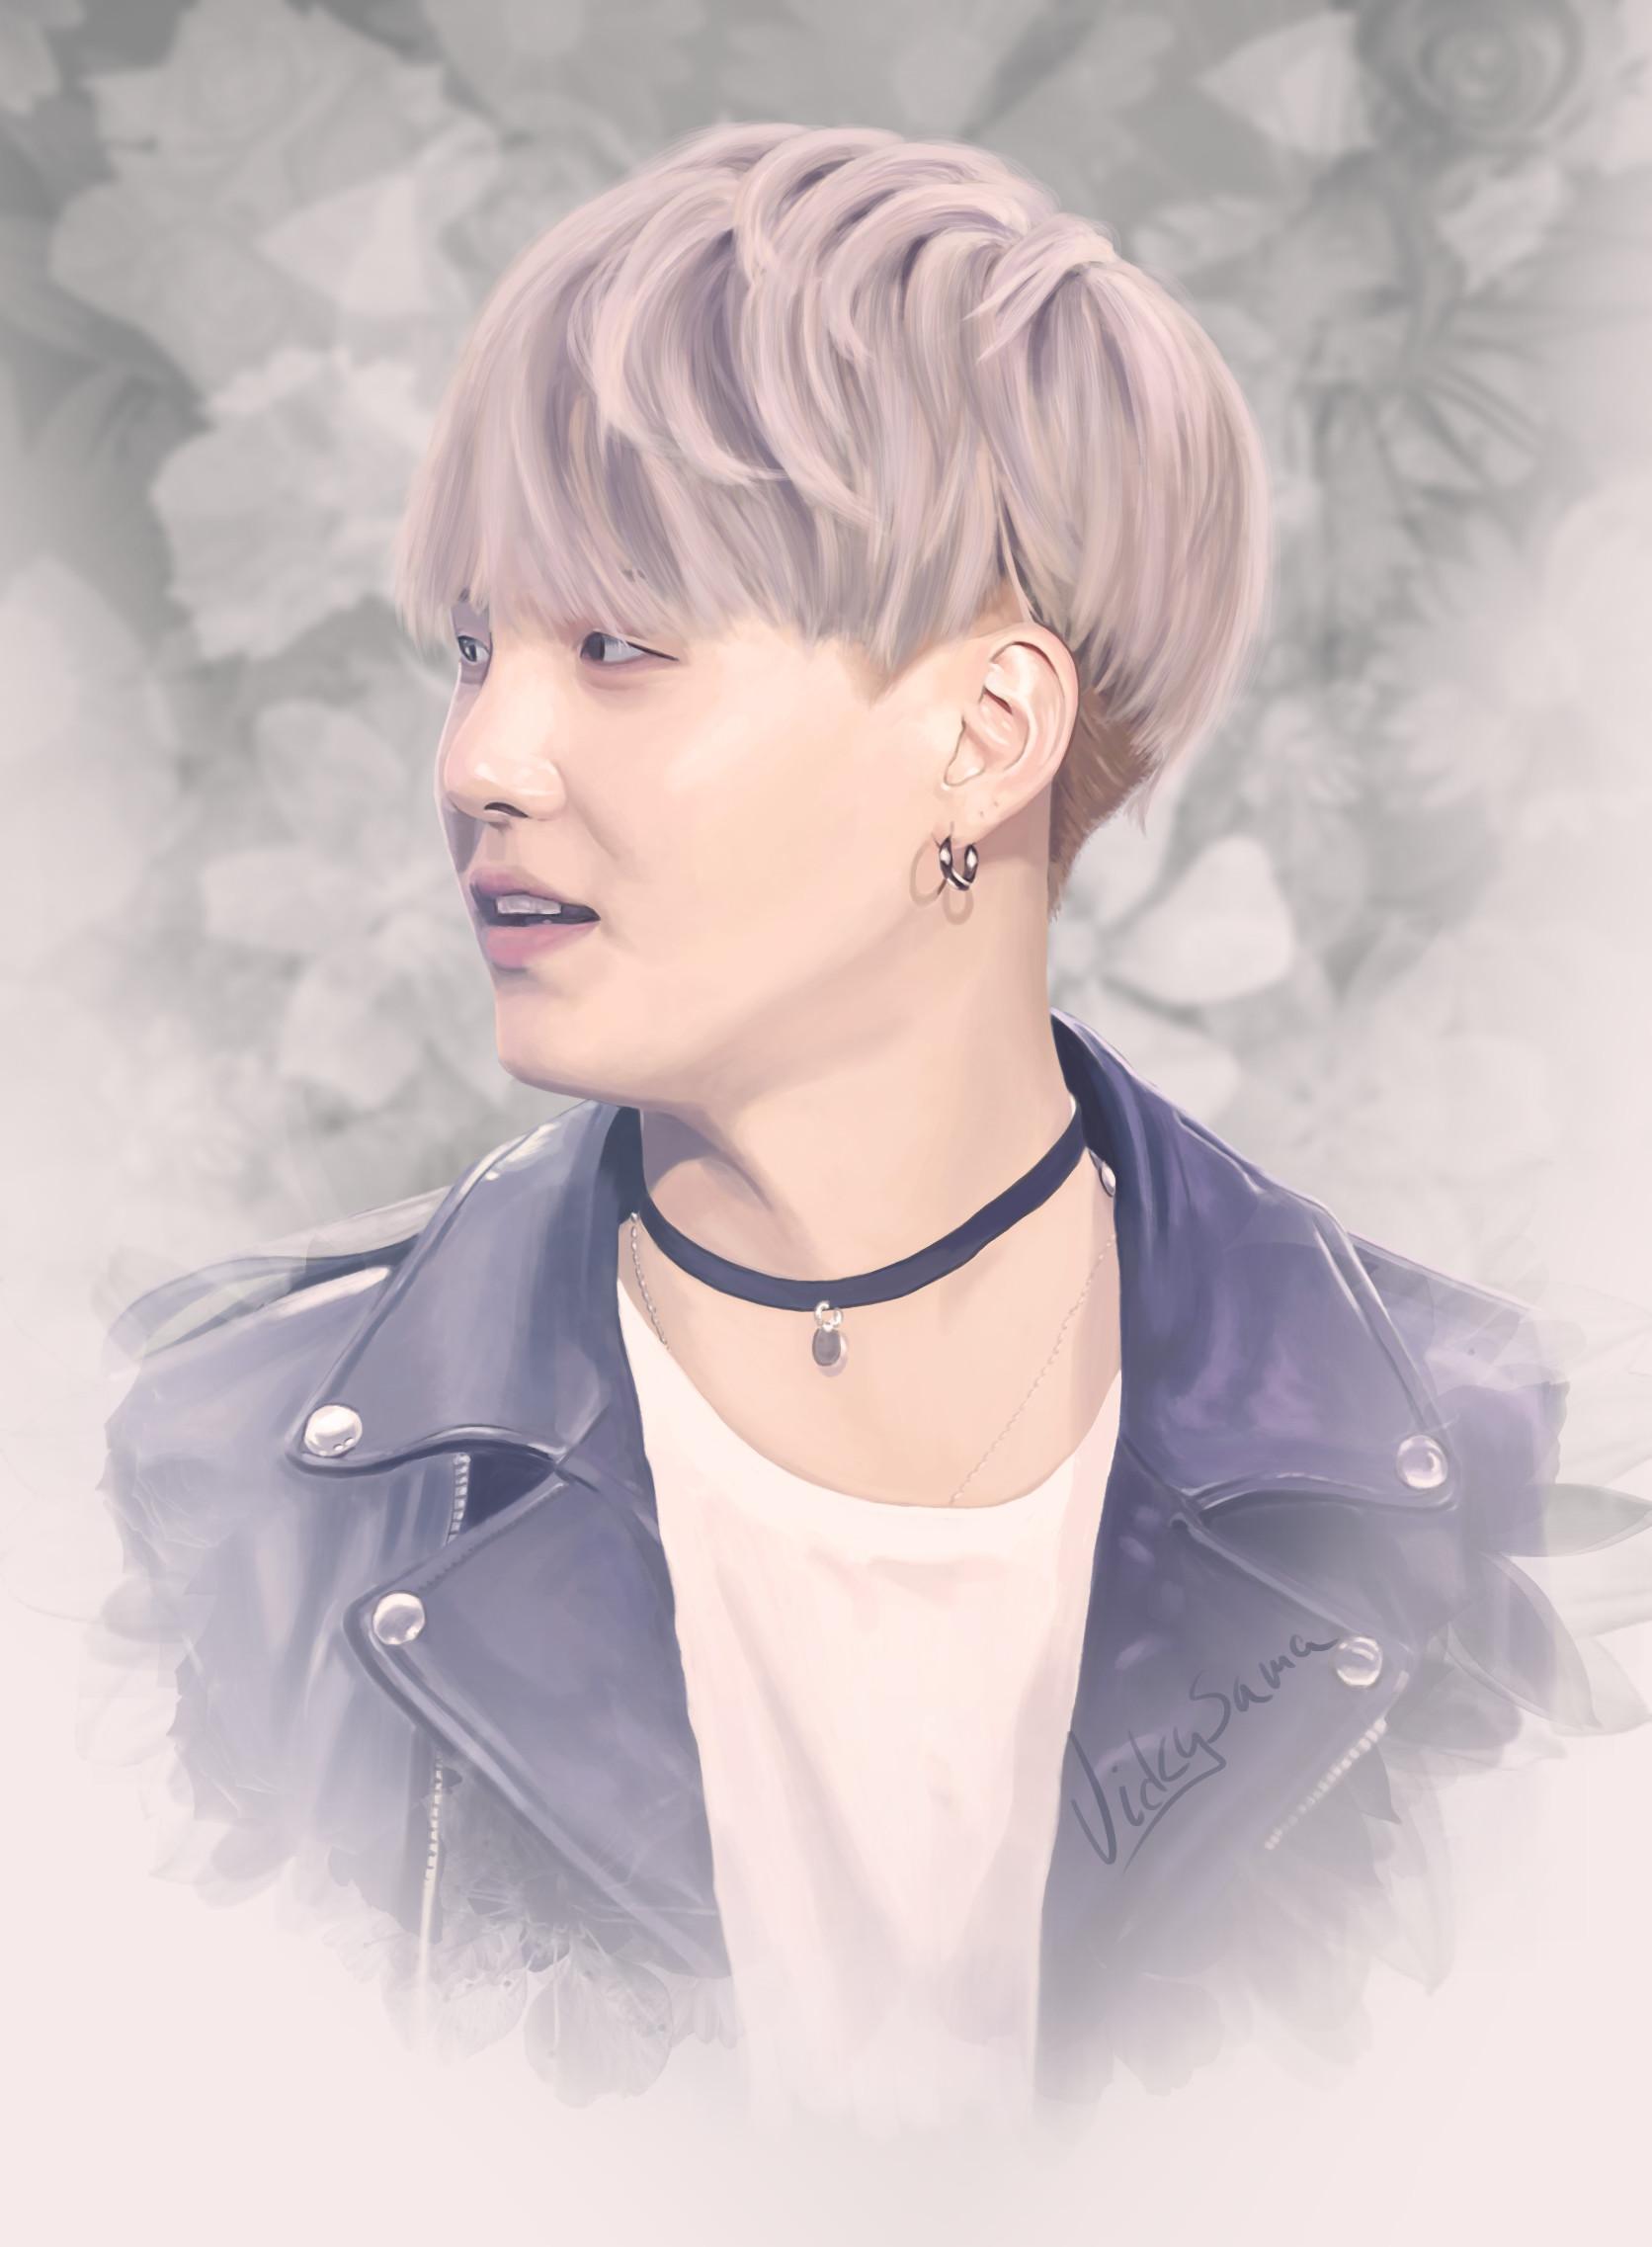 ArtStation - Suga from BTS digital art, Vicky Sama